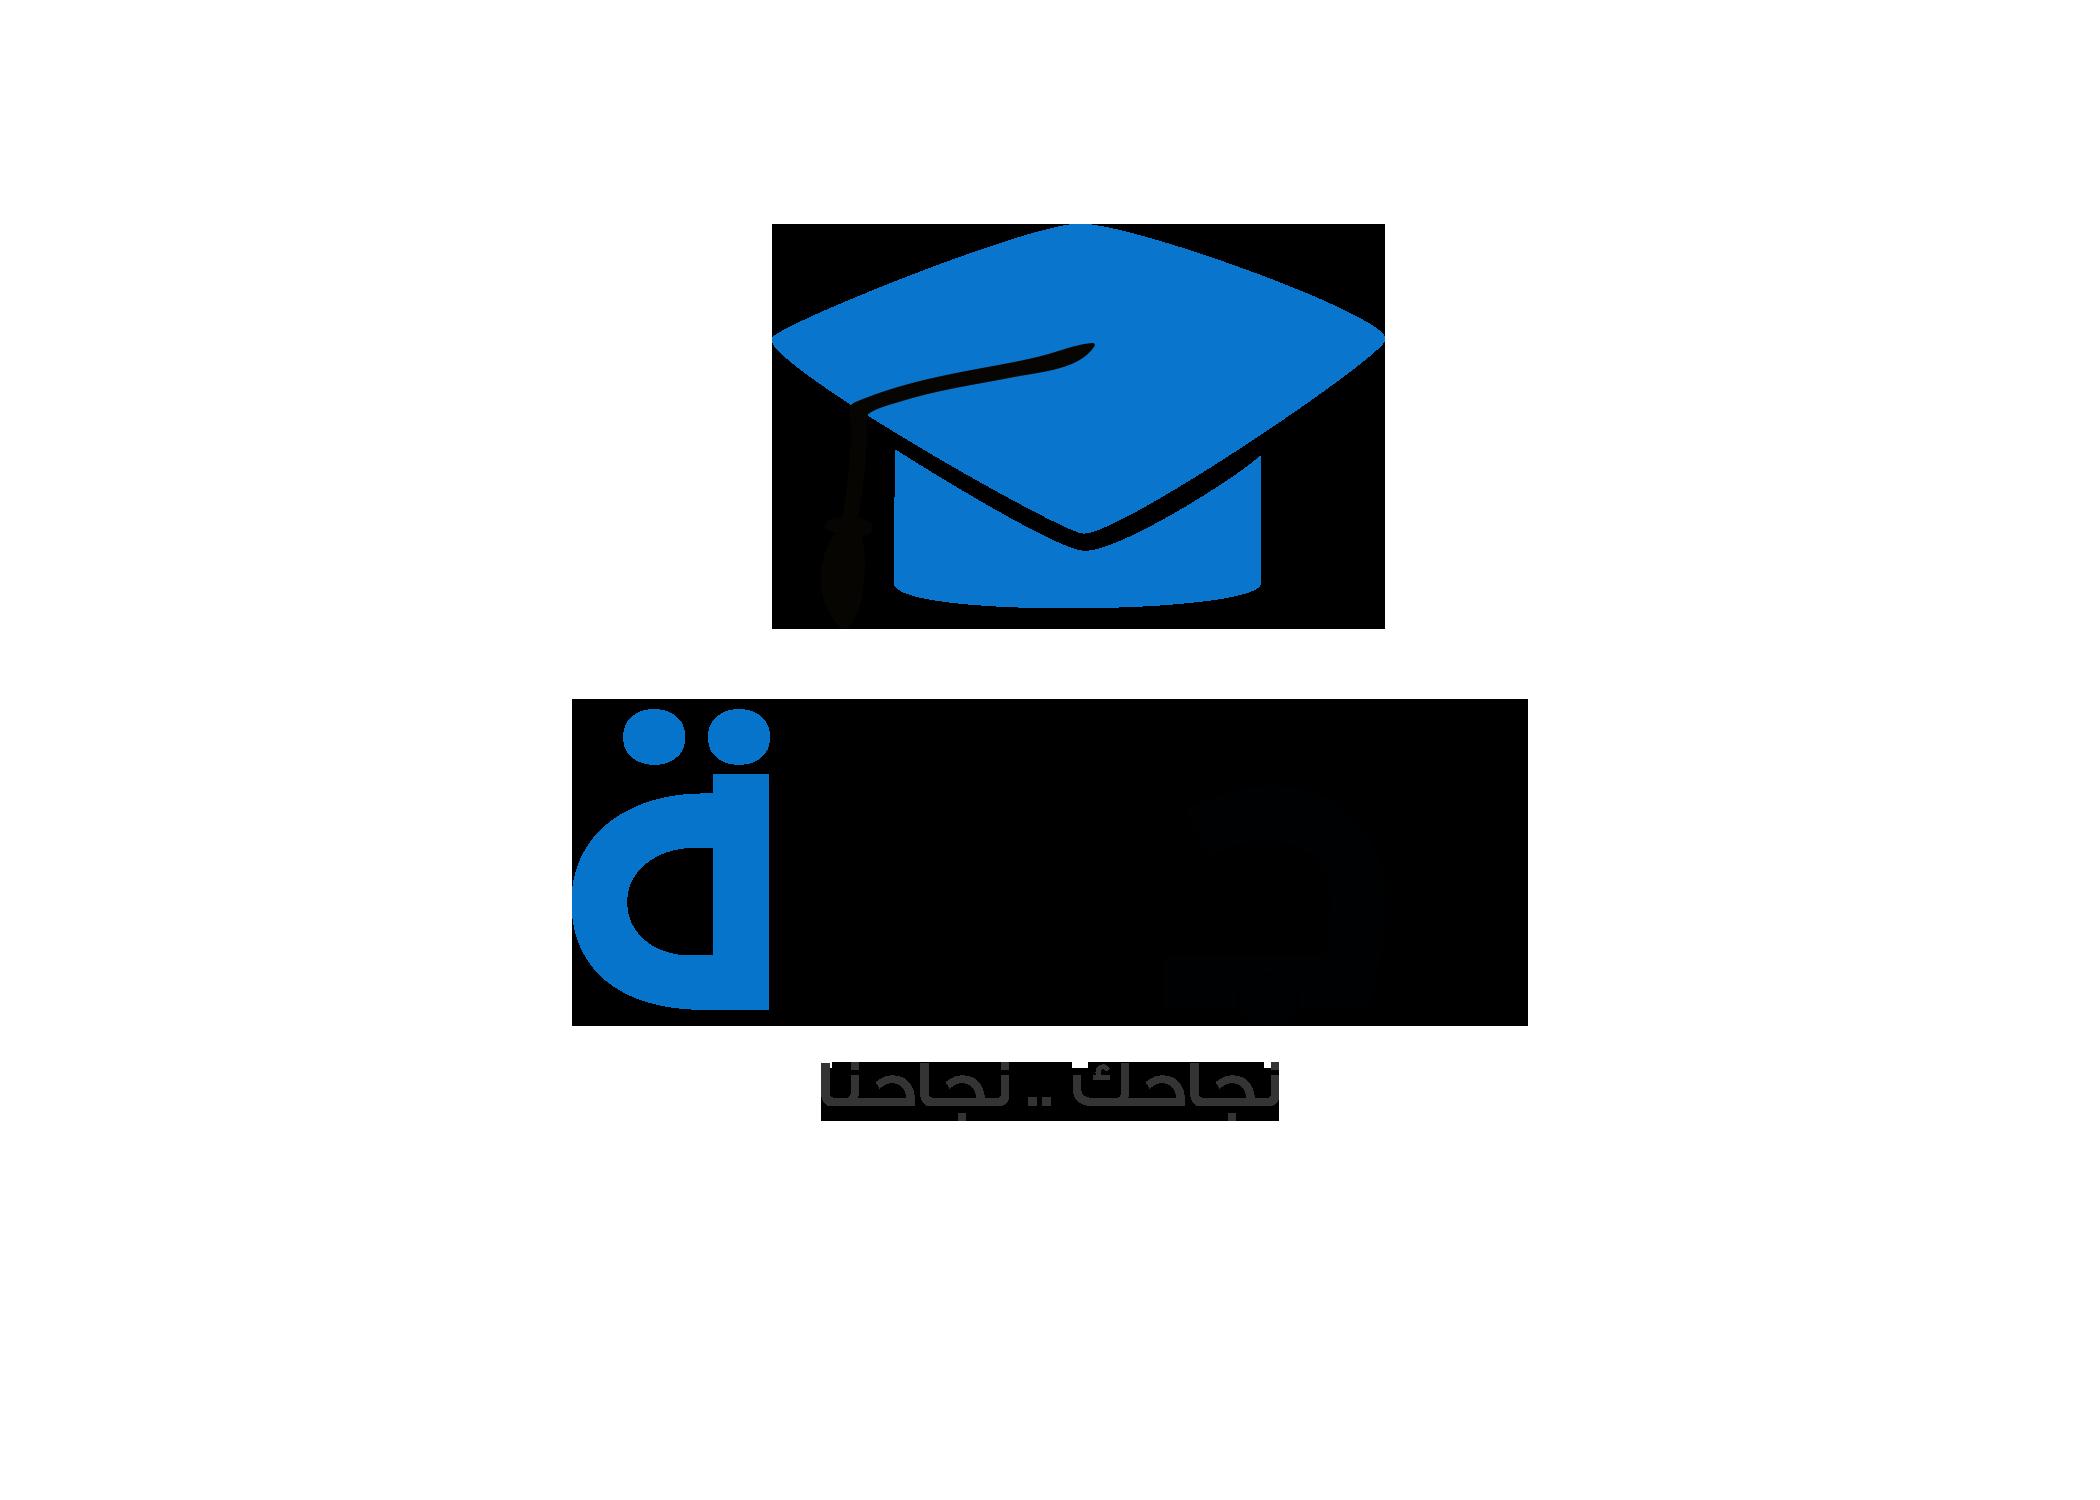 شركة إجادة للخدمات التعليمية